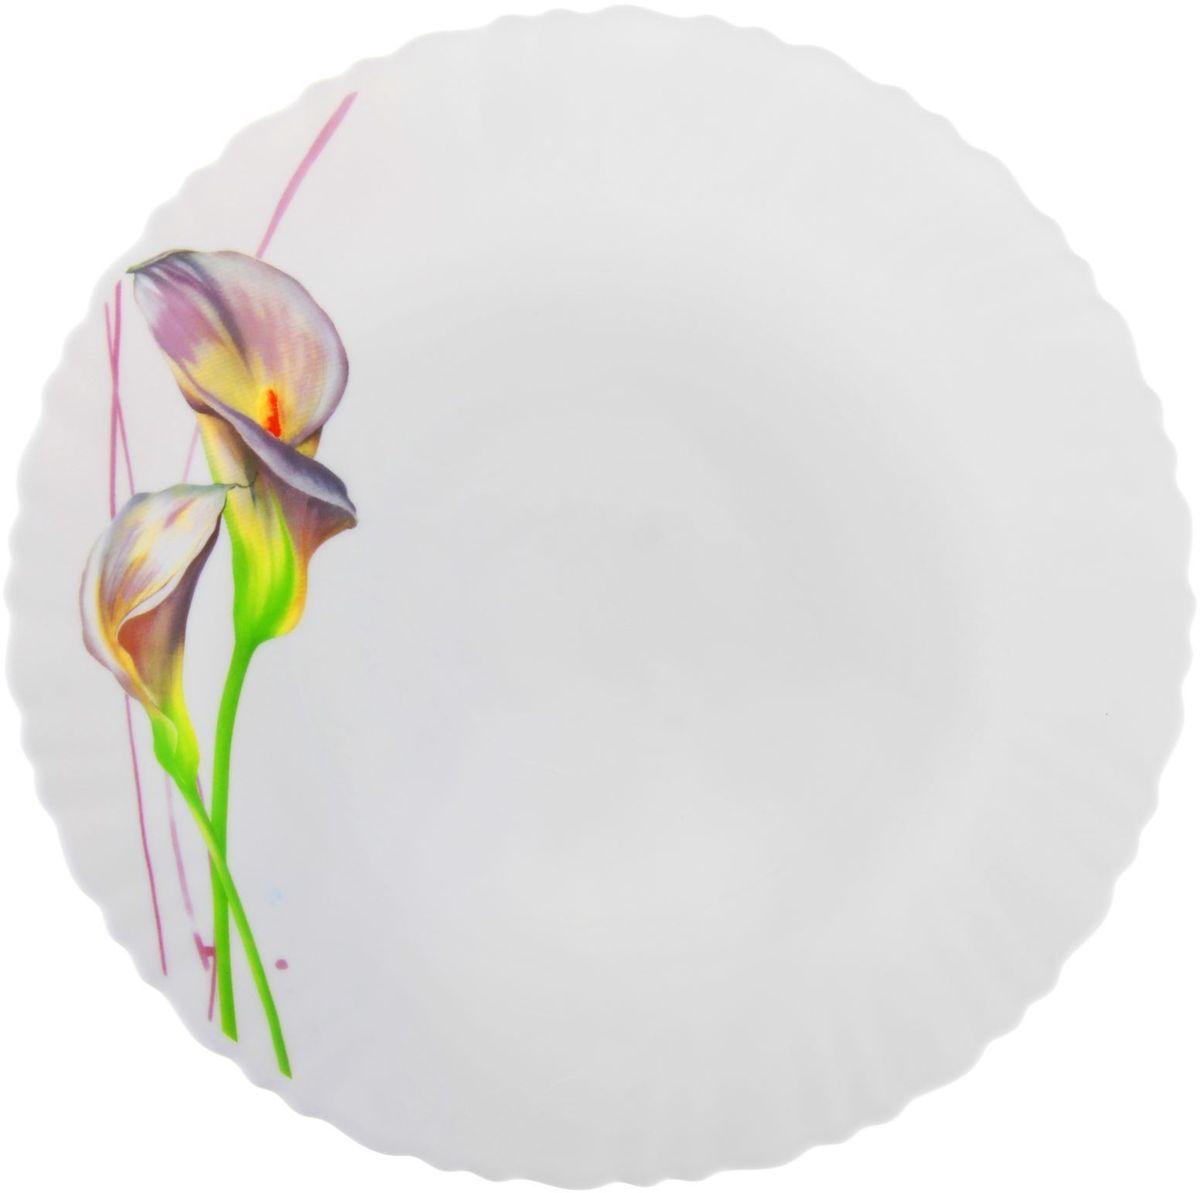 Тарелка обеденная Доляна Дивные каллы, диаметр 26 см1152122Тарелка Доляна с природными мотивами в оформлении разнообразит интерьер кухни и сделает застолье самобытным и запоминающимся. Качественное стекло не впитывает запахов, гладкая поверхность обеспечивает легкость мытья.Делайте любимый дом уютнее! Рекомендуется избегать использования абразивных моющих средств.